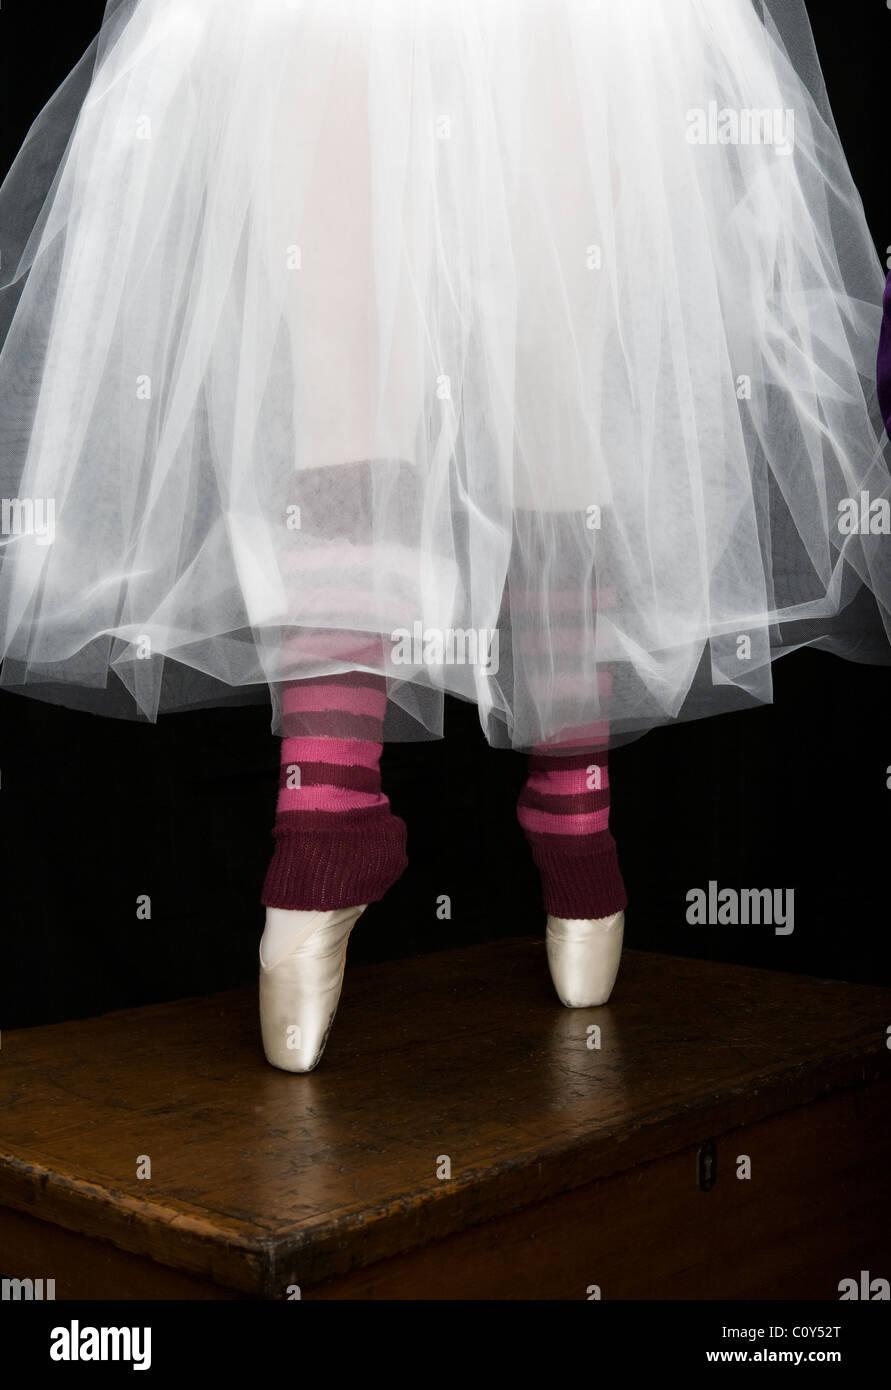 Dettaglio ritratto di una ballerina adolescente che indossa un tutù bianco e punto scarpe come lei in piedi Immagini Stock